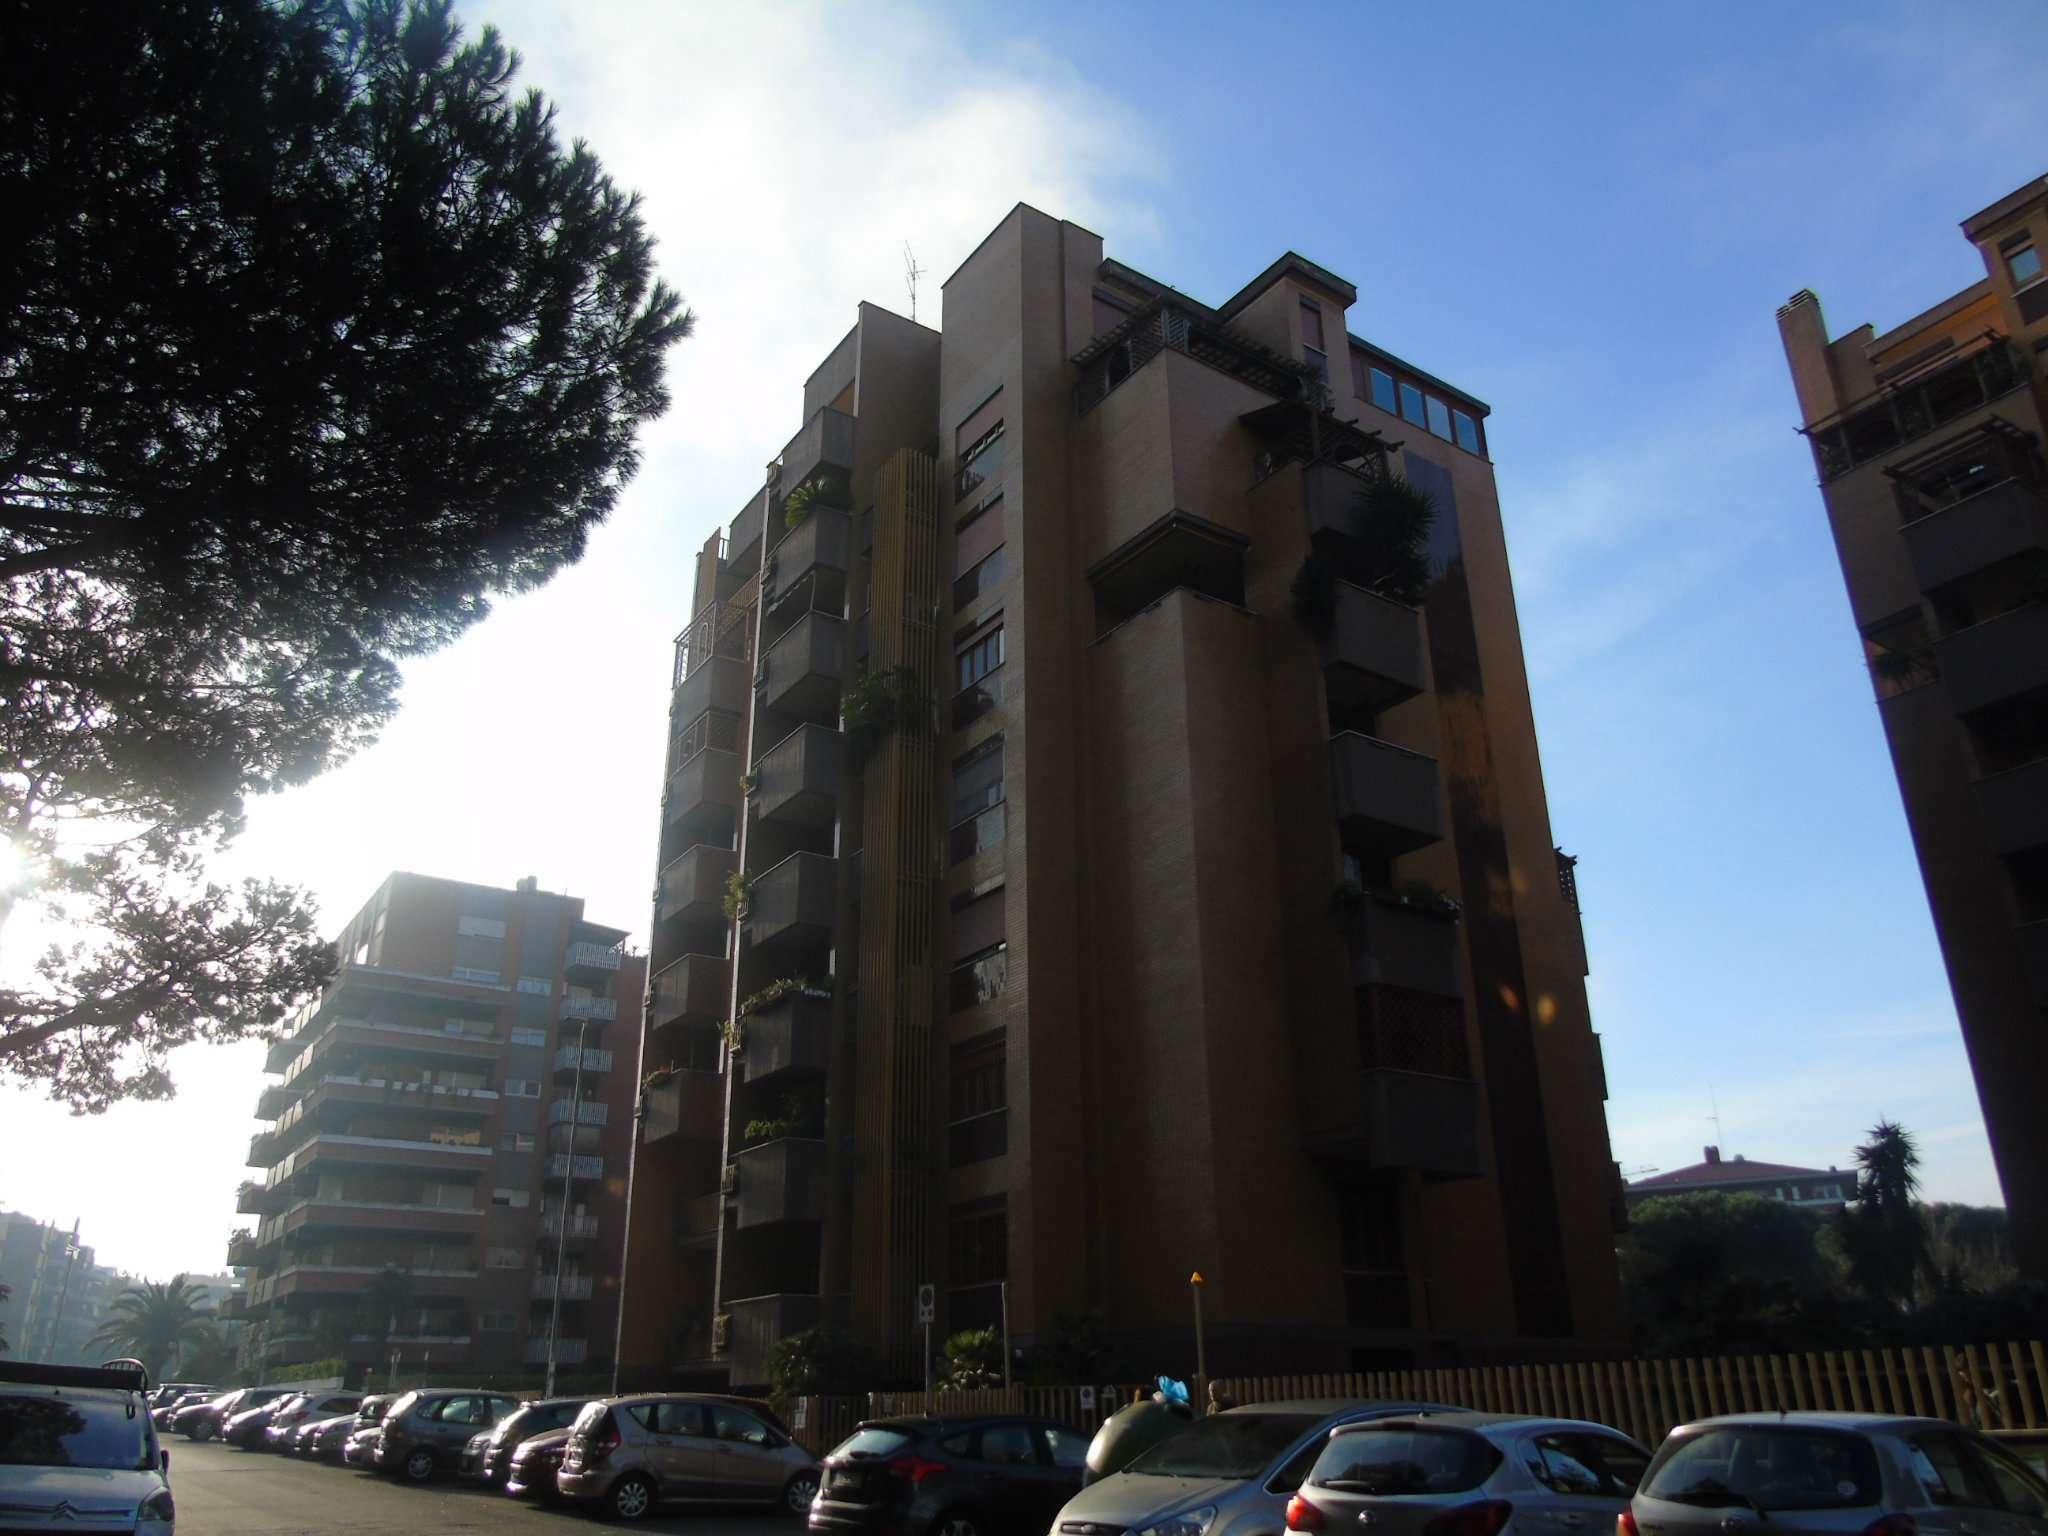 Attico / Mansarda in vendita a Roma, 6 locali, zona Zona: 21 . Laurentina, prezzo € 980.000 | CambioCasa.it